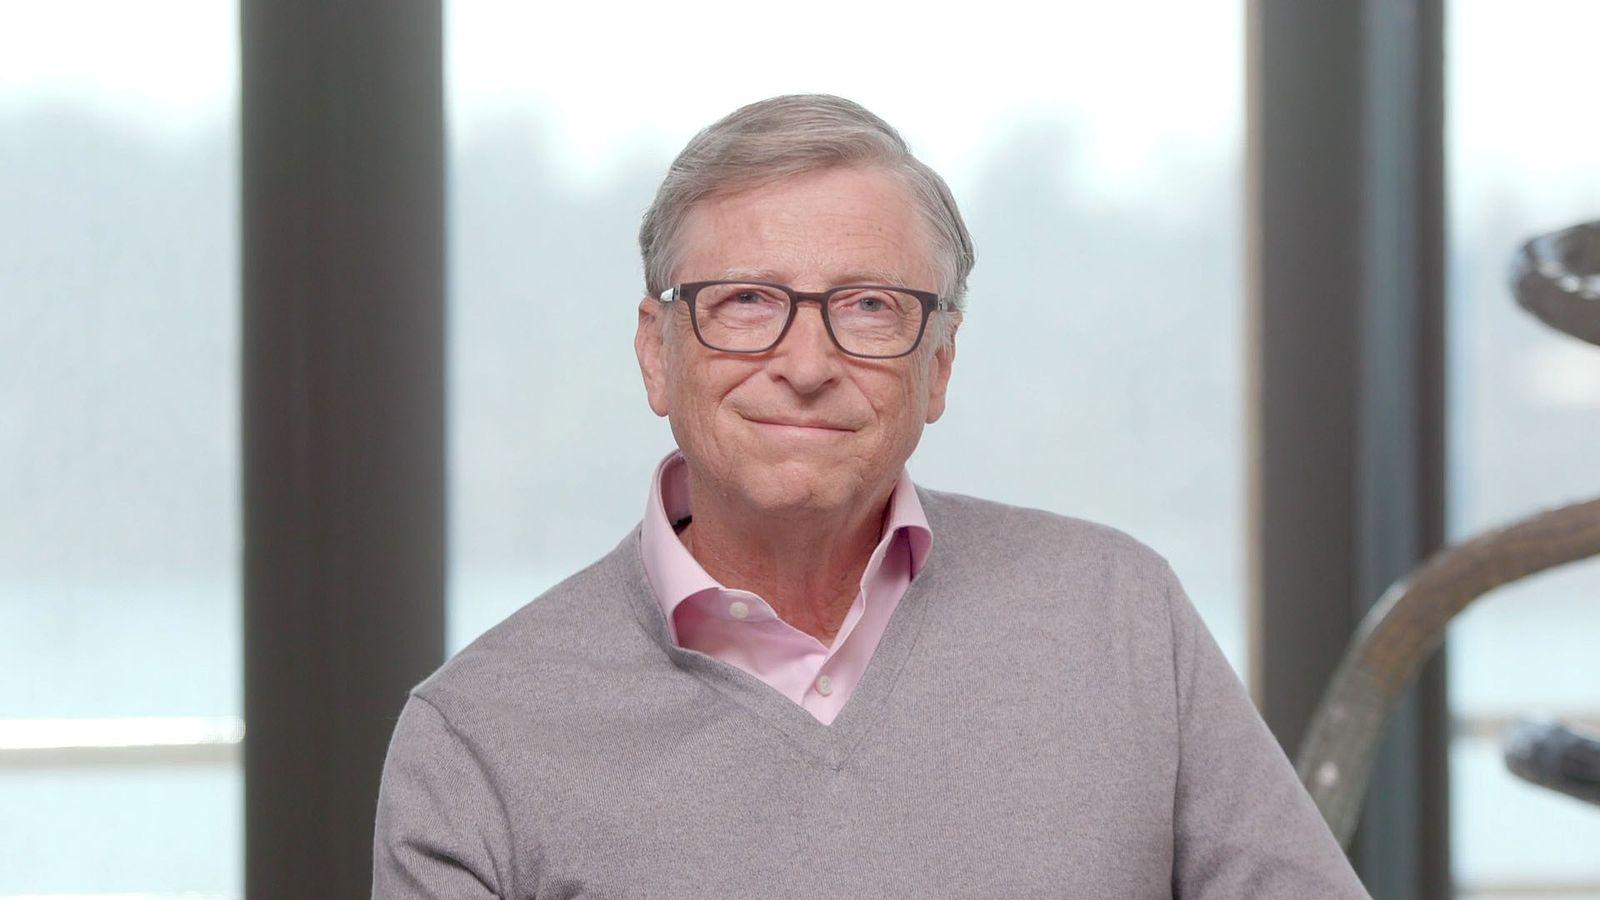 Bill Gates, empresario estadounidense y cofundador de Microsoft, fue entrevistado por la directora editorial de National ...